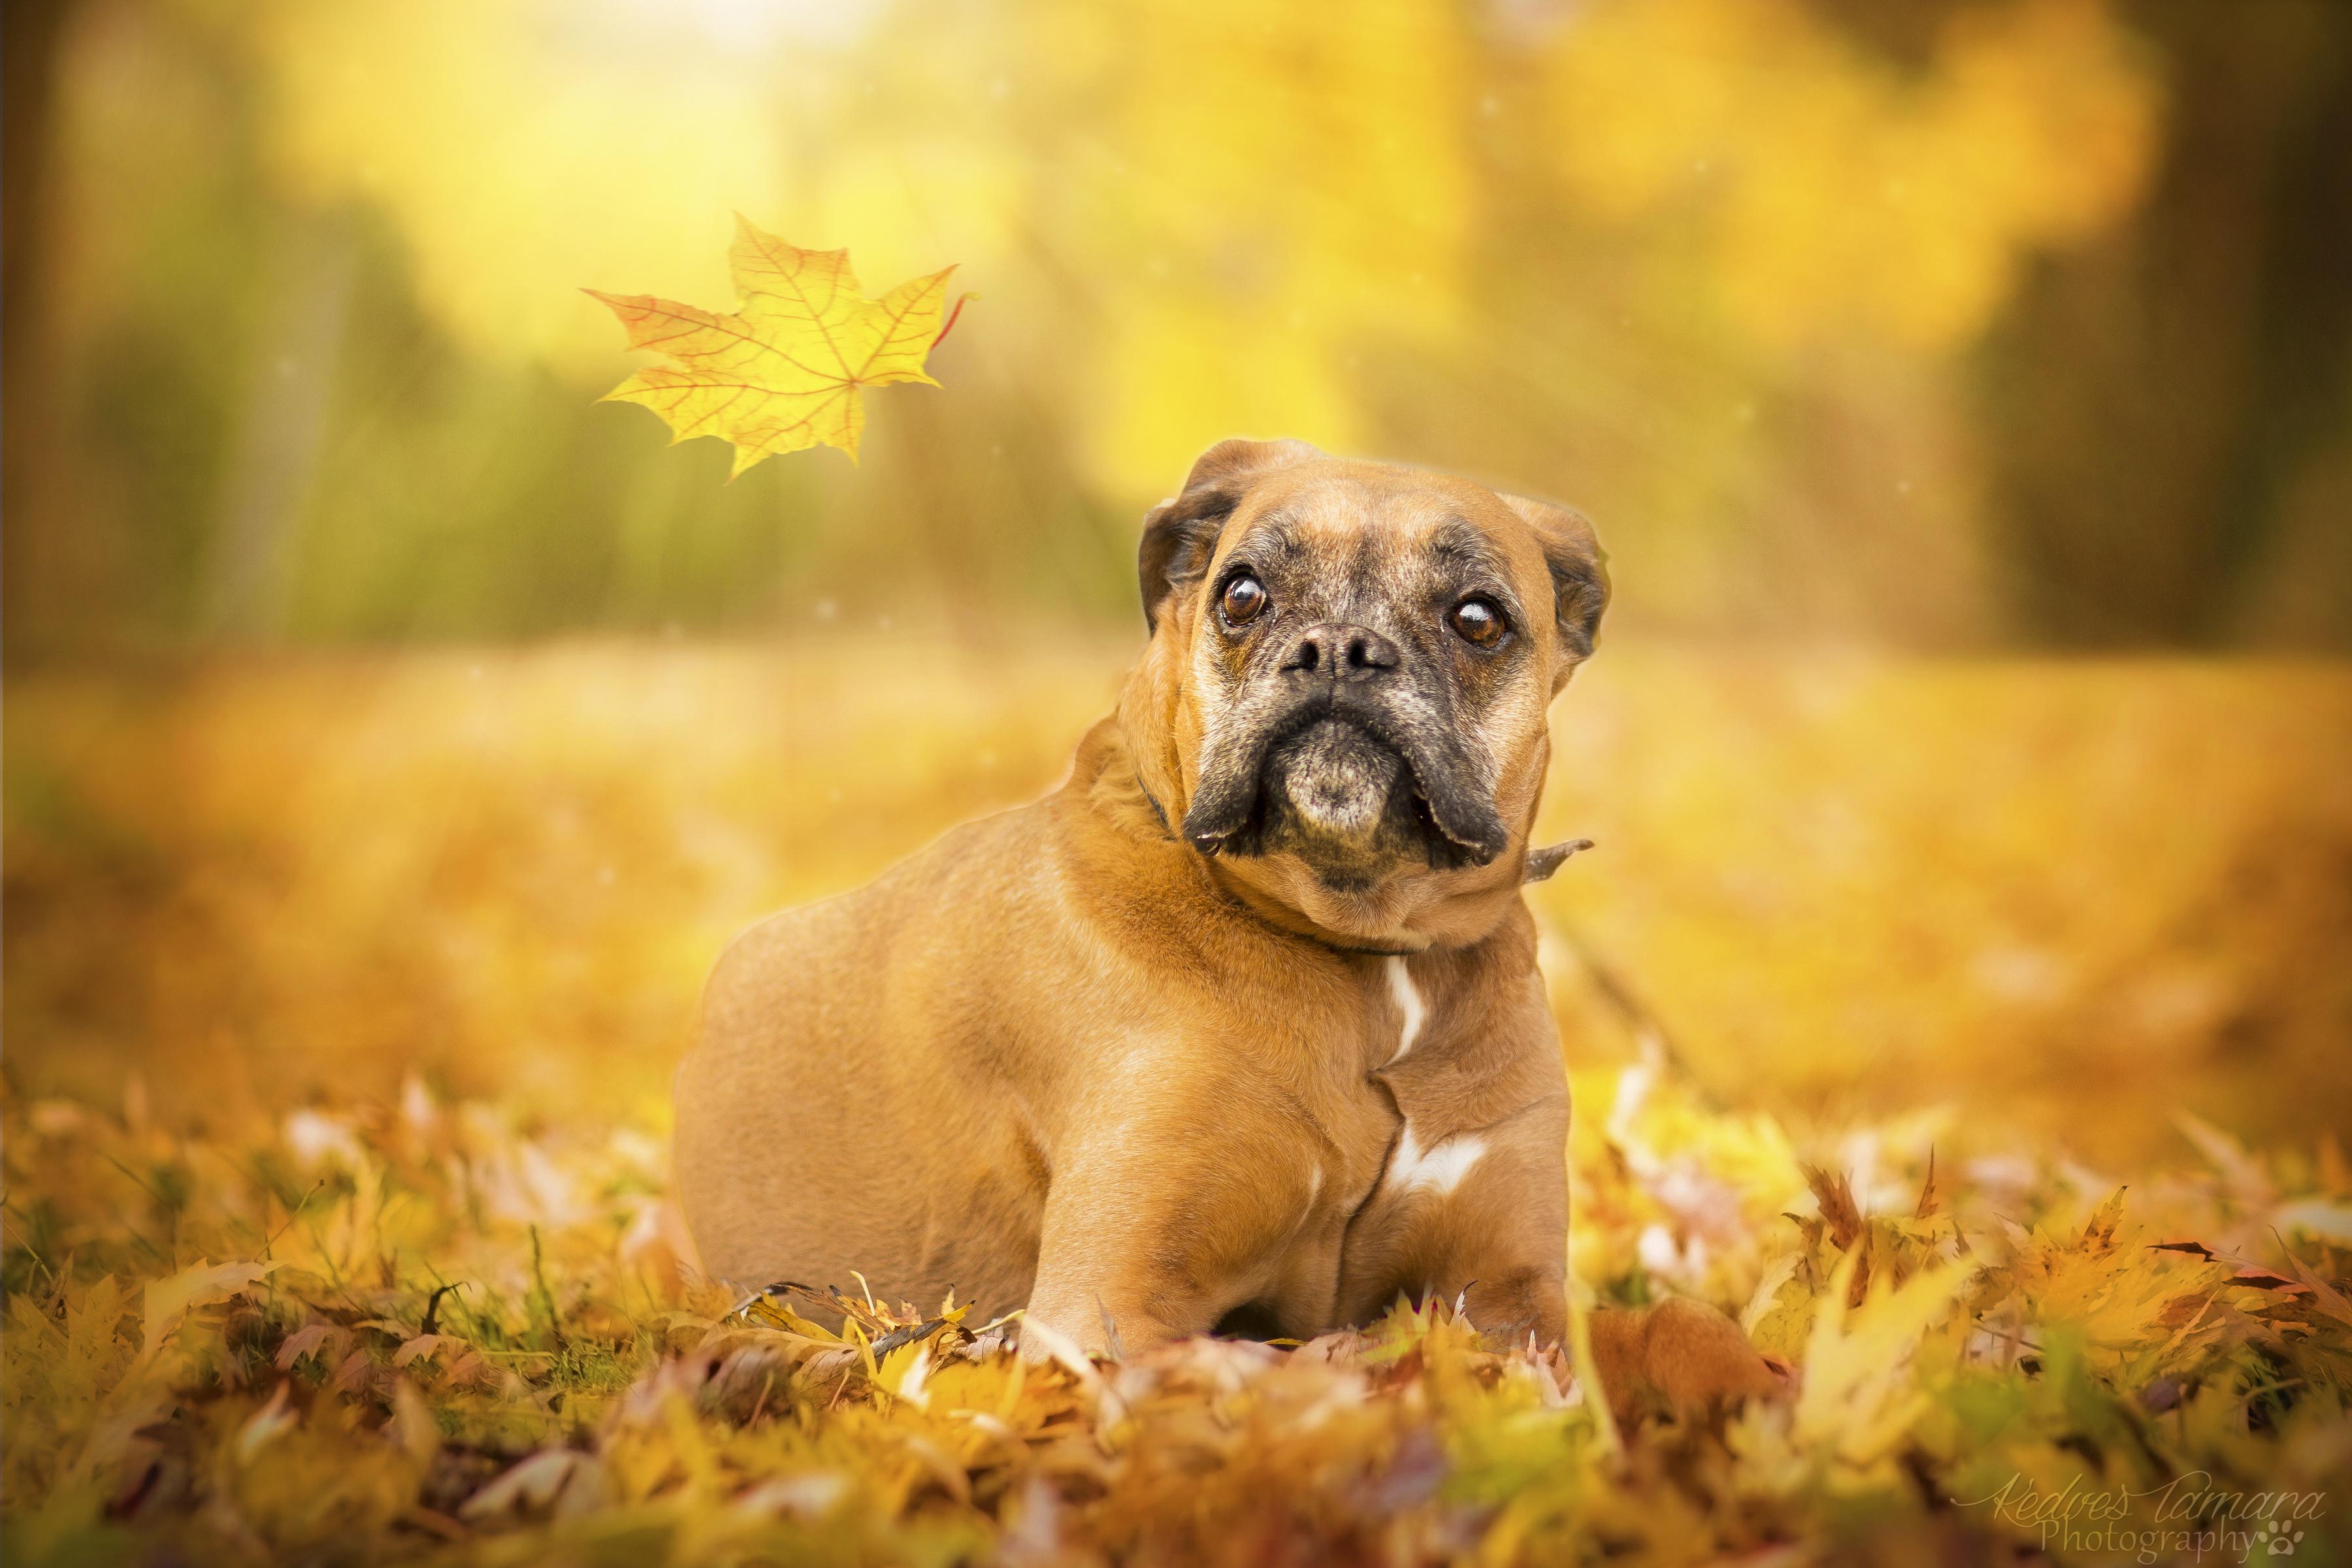 природа животные собака осень листья  № 2019455 загрузить